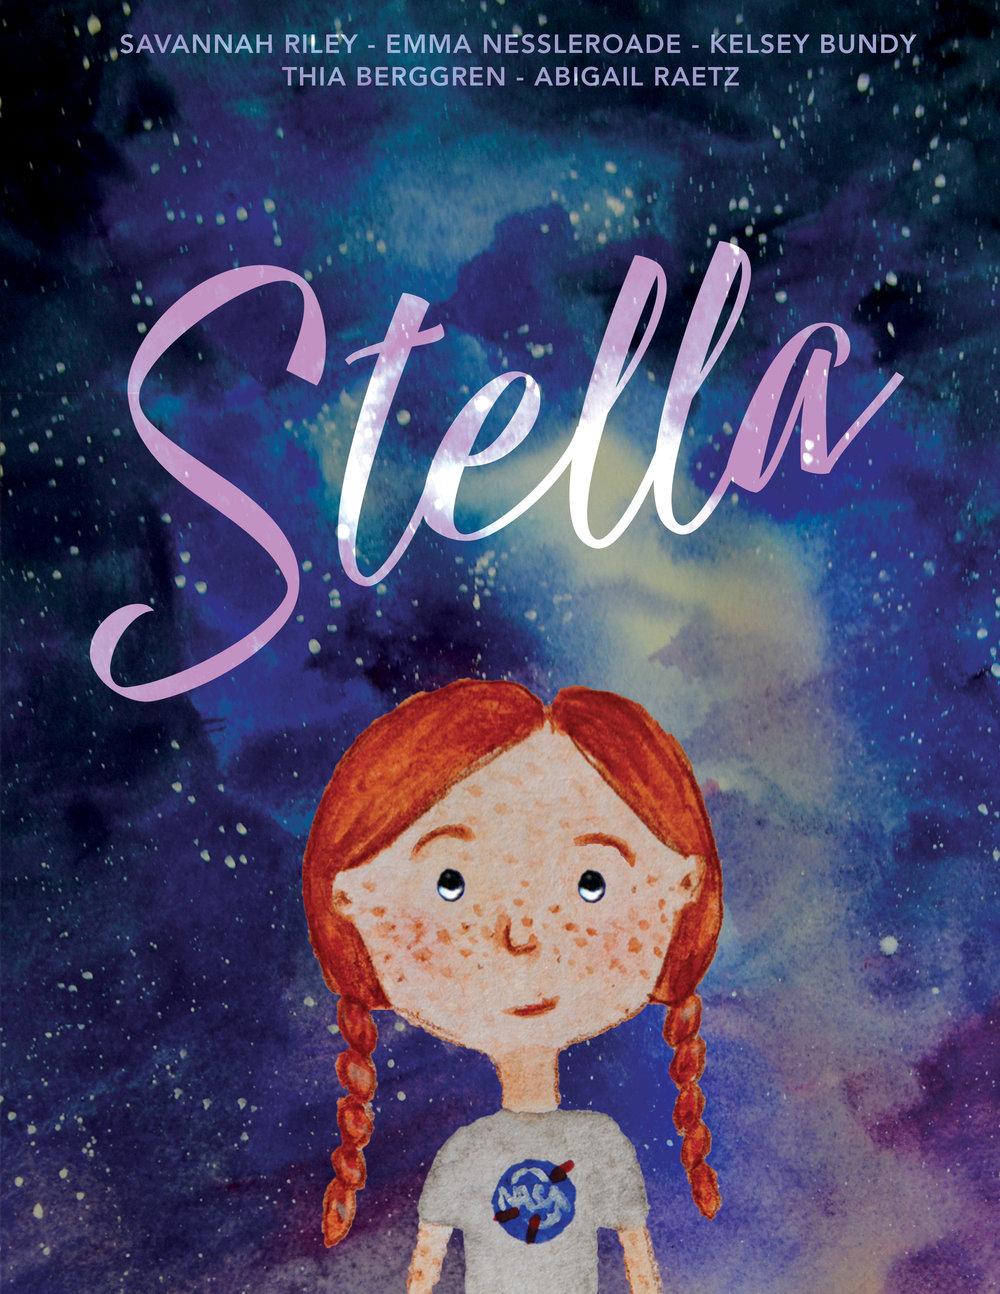 StellaPoster_Letter.jpg